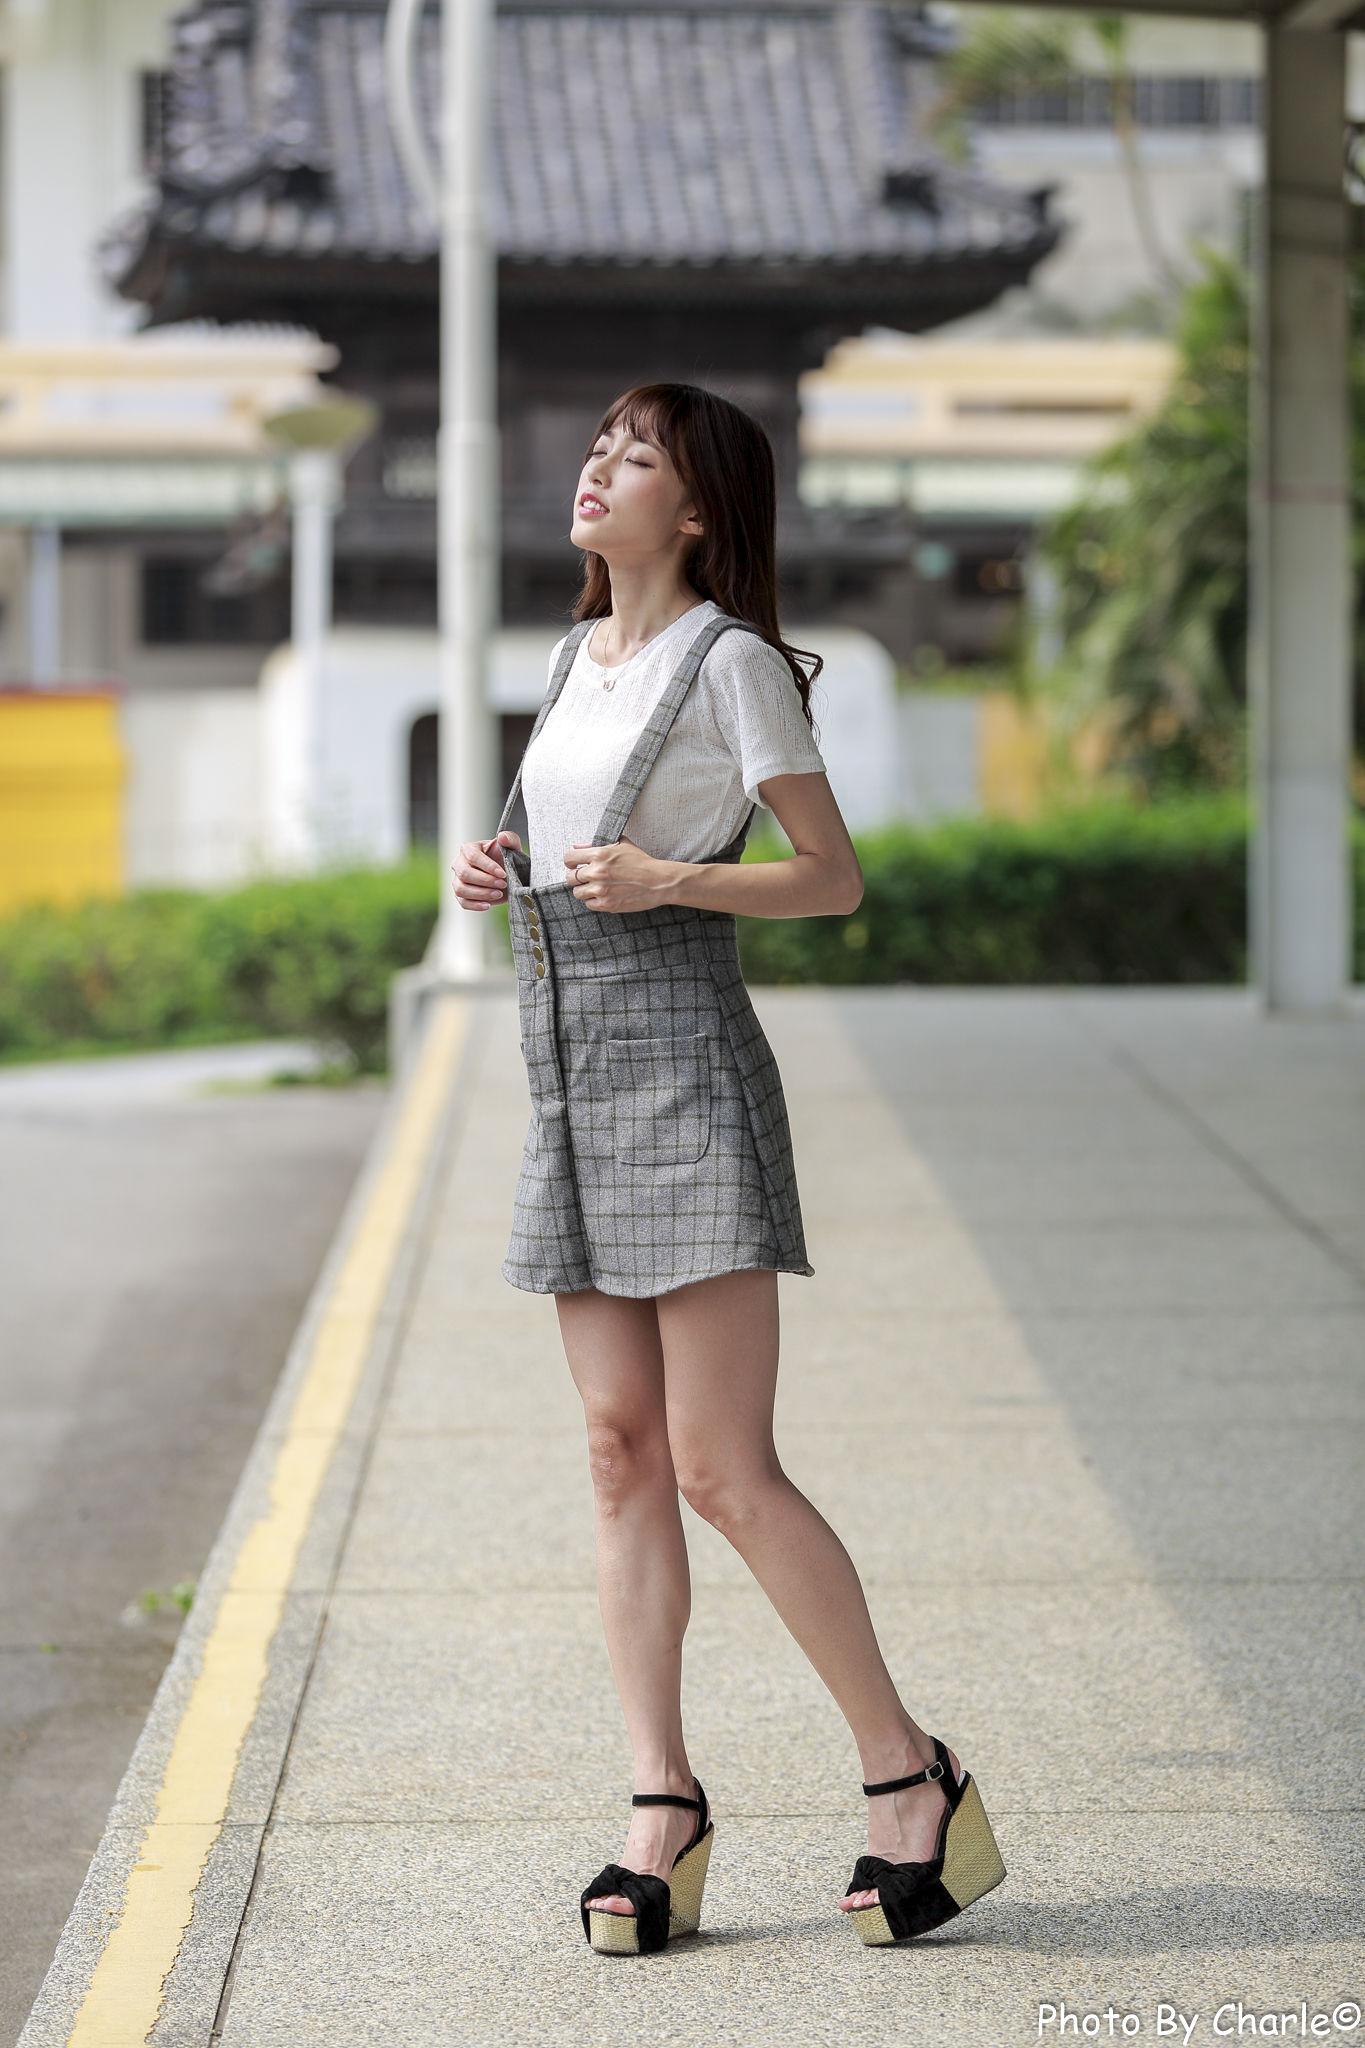 VOL.1021 [台湾正妹]美腿气质街拍:彭丽嘉(Lady憶憶)超高清个人性感漂亮大图(70P)